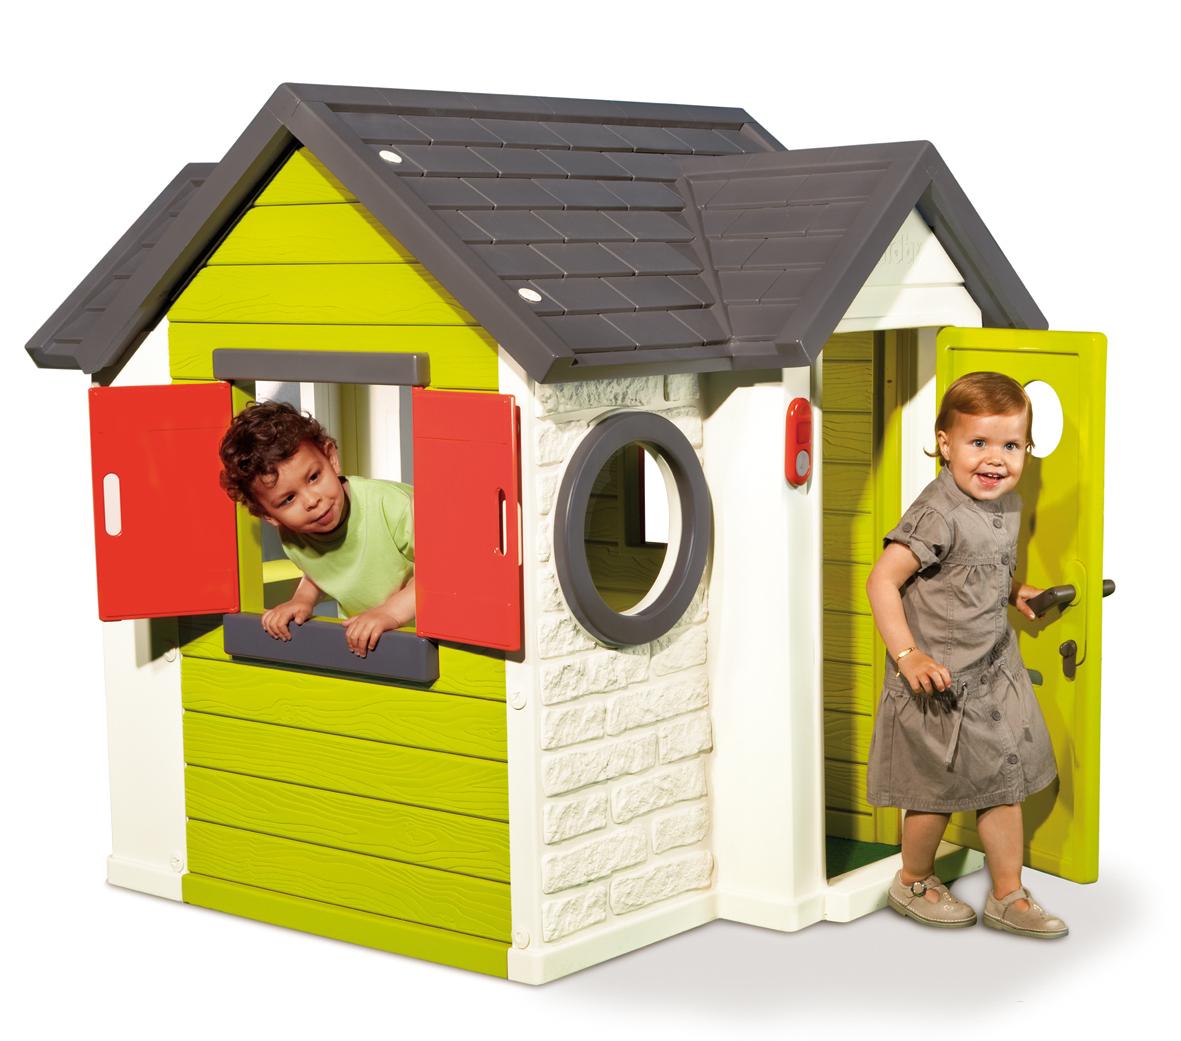 Maison De Jardin Smoby - L'univers Du Bébé pour Maison De Jardin Smoby